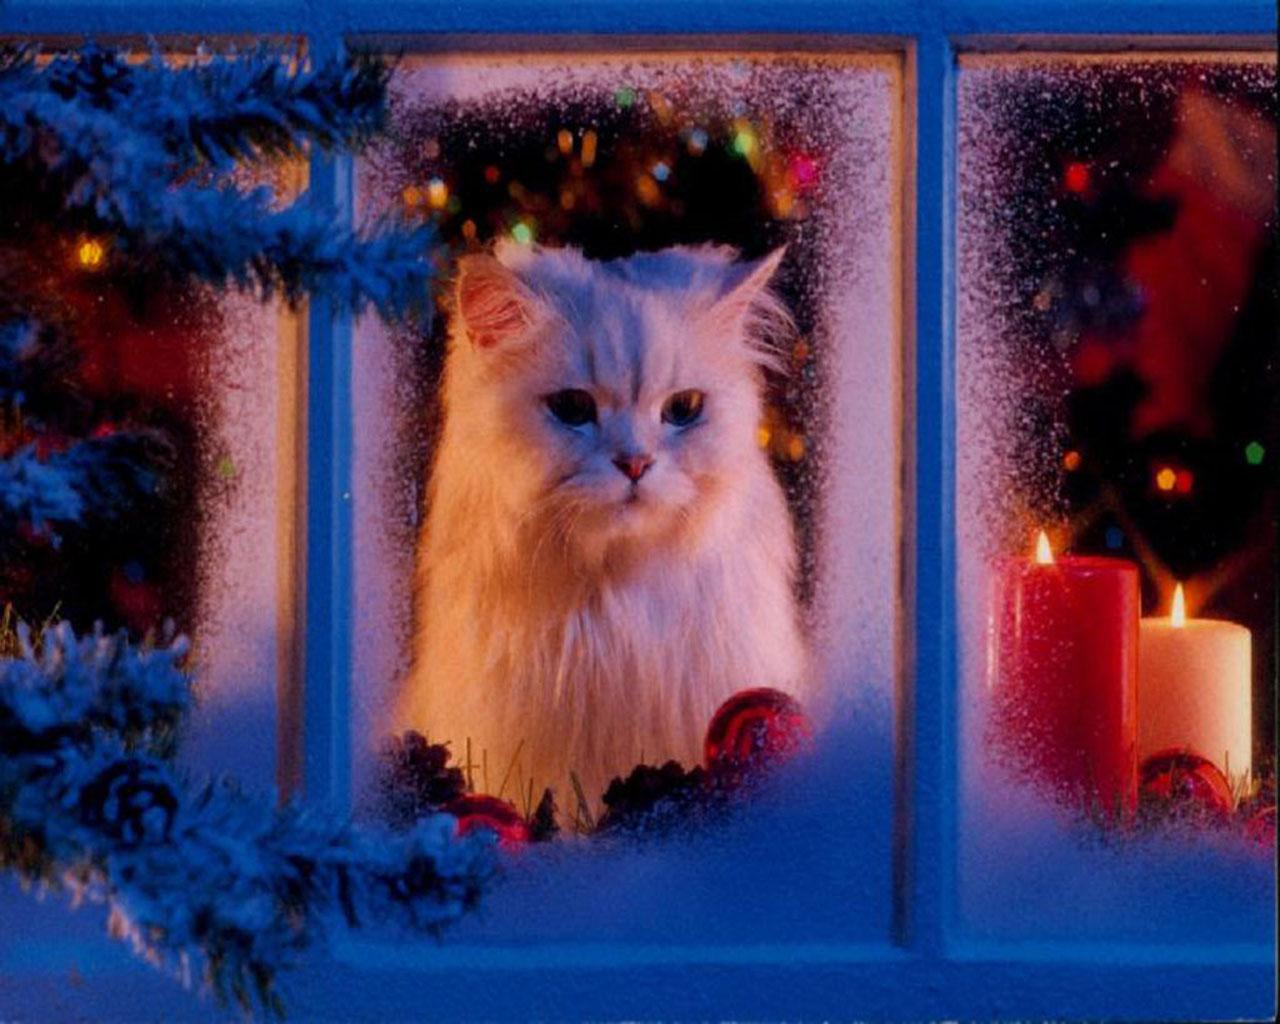 http://1.bp.blogspot.com/_3BgevQC_ErM/TQvvdd_xIfI/AAAAAAAAAM8/yxrSsDm5qlk/s1600/cute-cat-wallpaper-source_saz.jpg